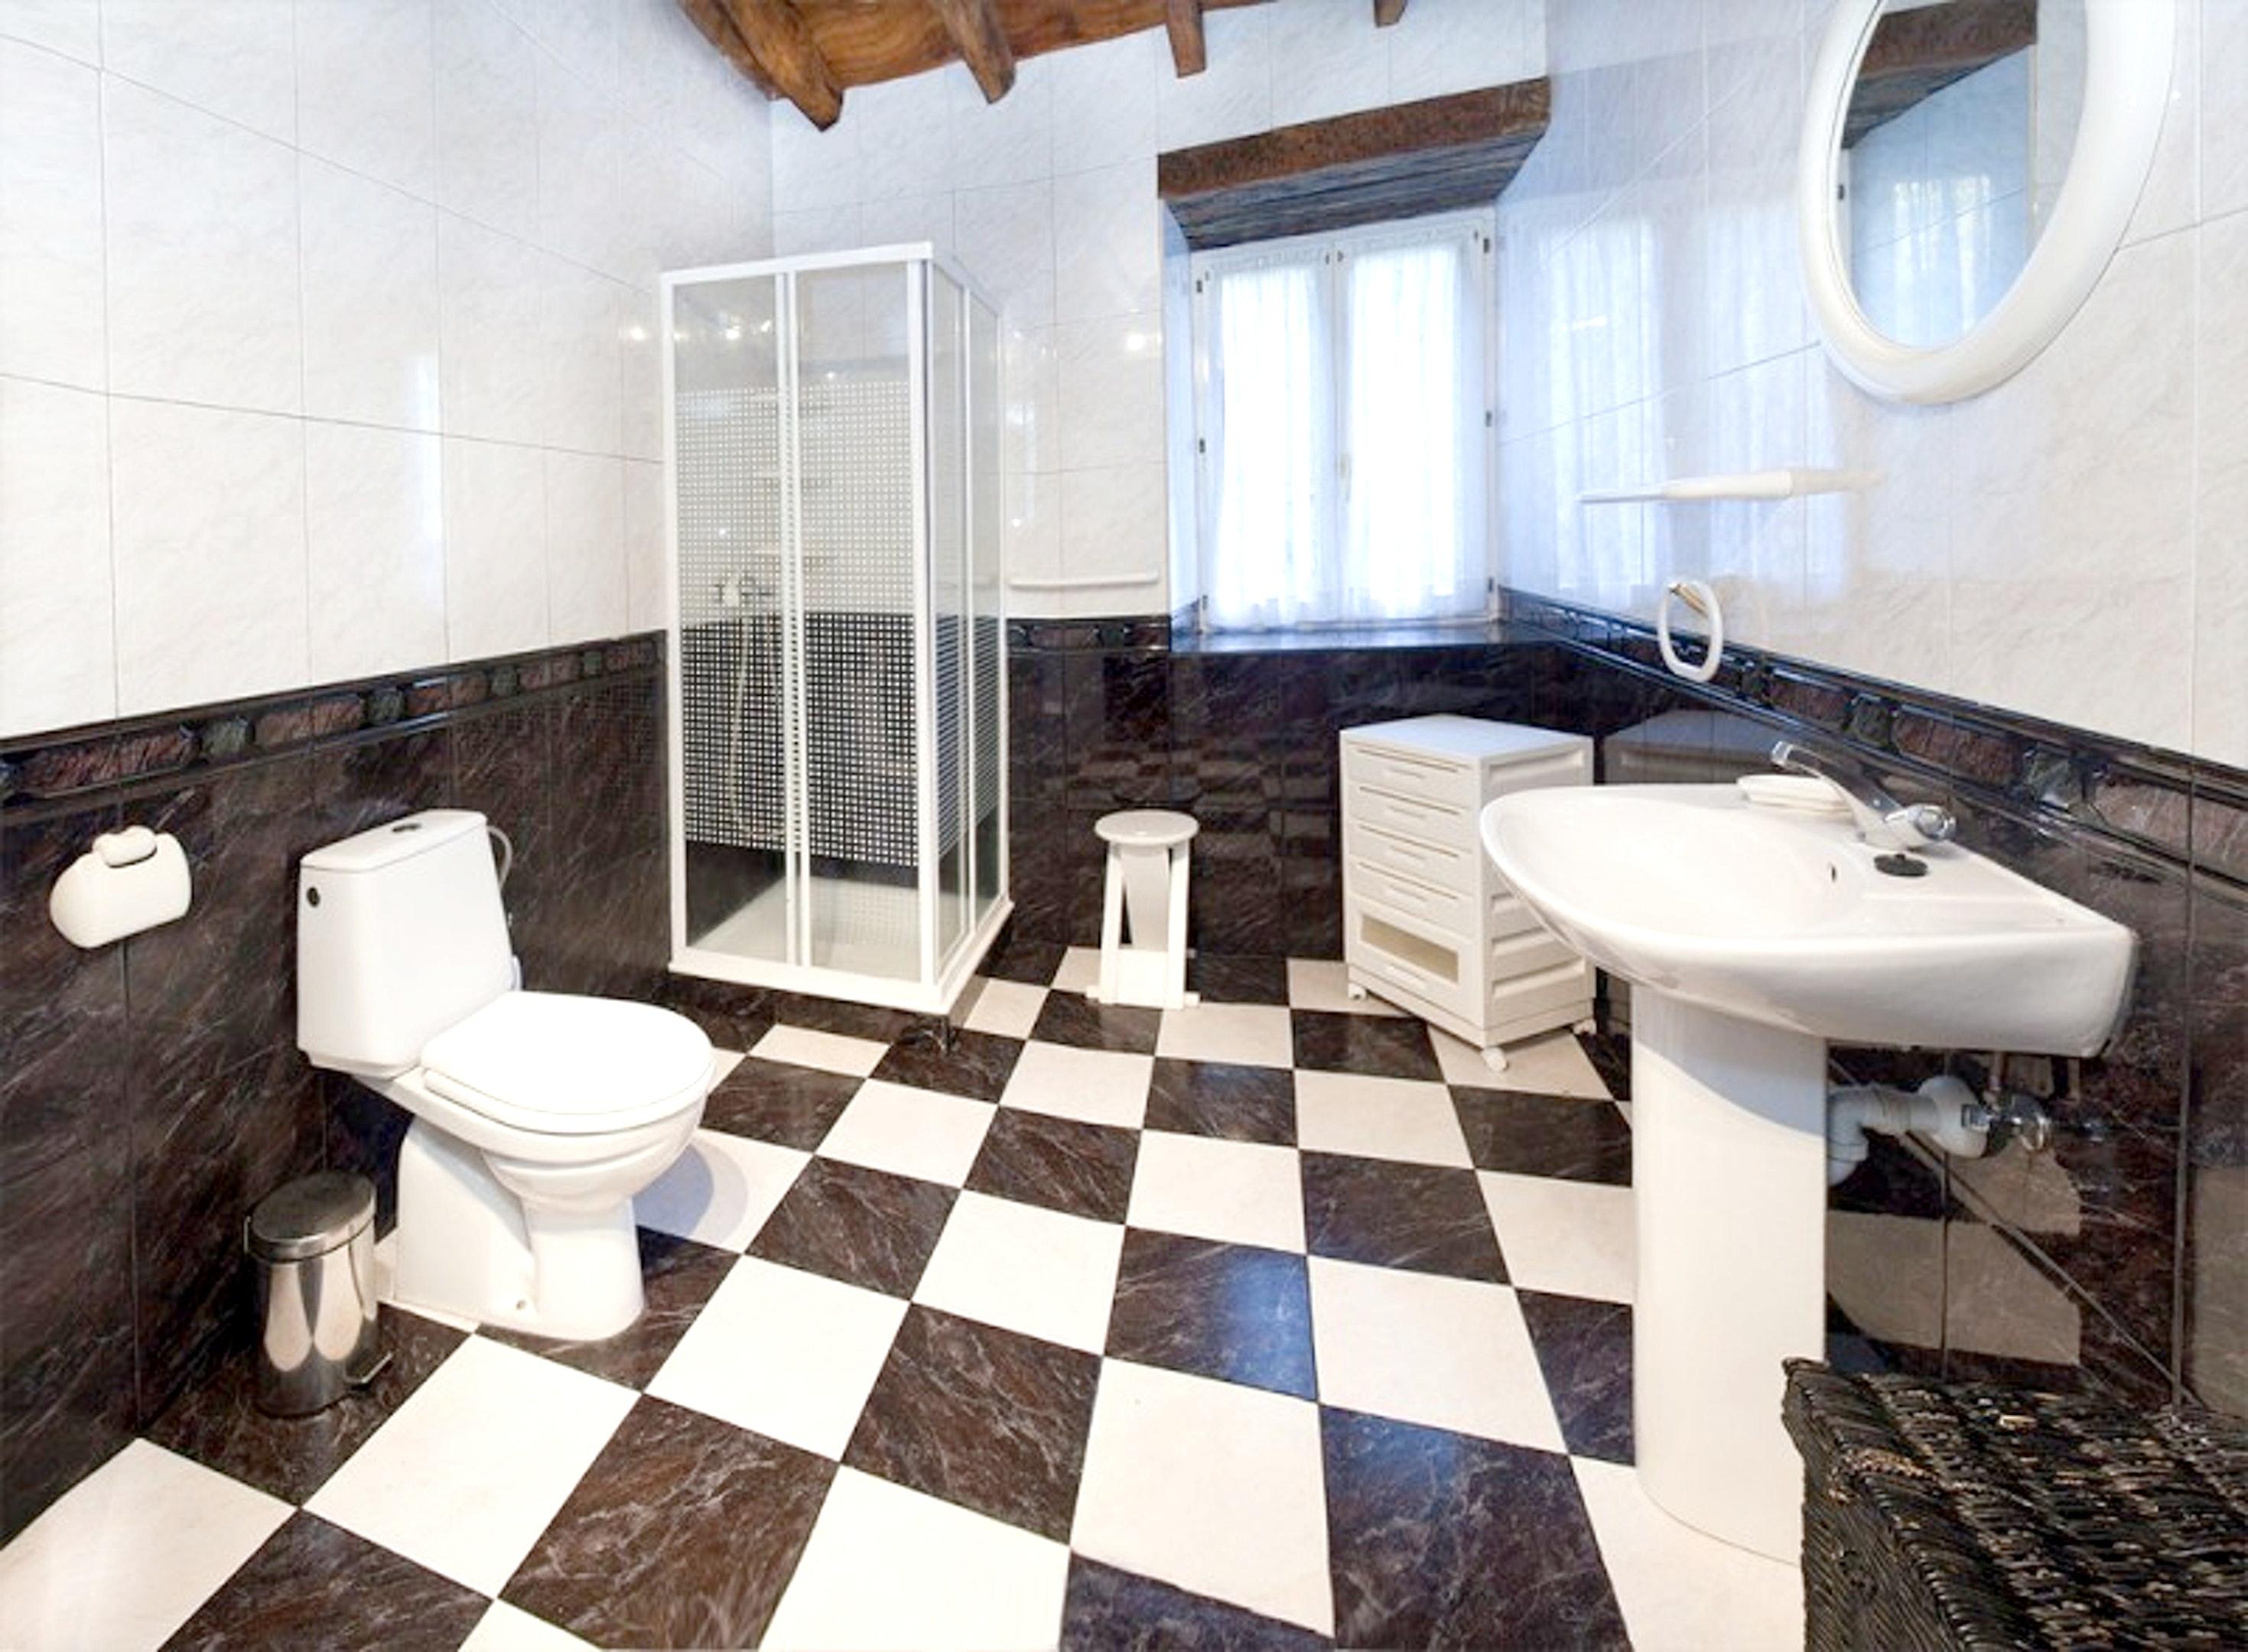 Ferienhaus Haus mit 4 Schlafzimmern in Valcarlos mit toller Aussicht auf die Berge, eingezäuntem Gart (2519329), Gañecoleta, , Navarra, Spanien, Bild 8